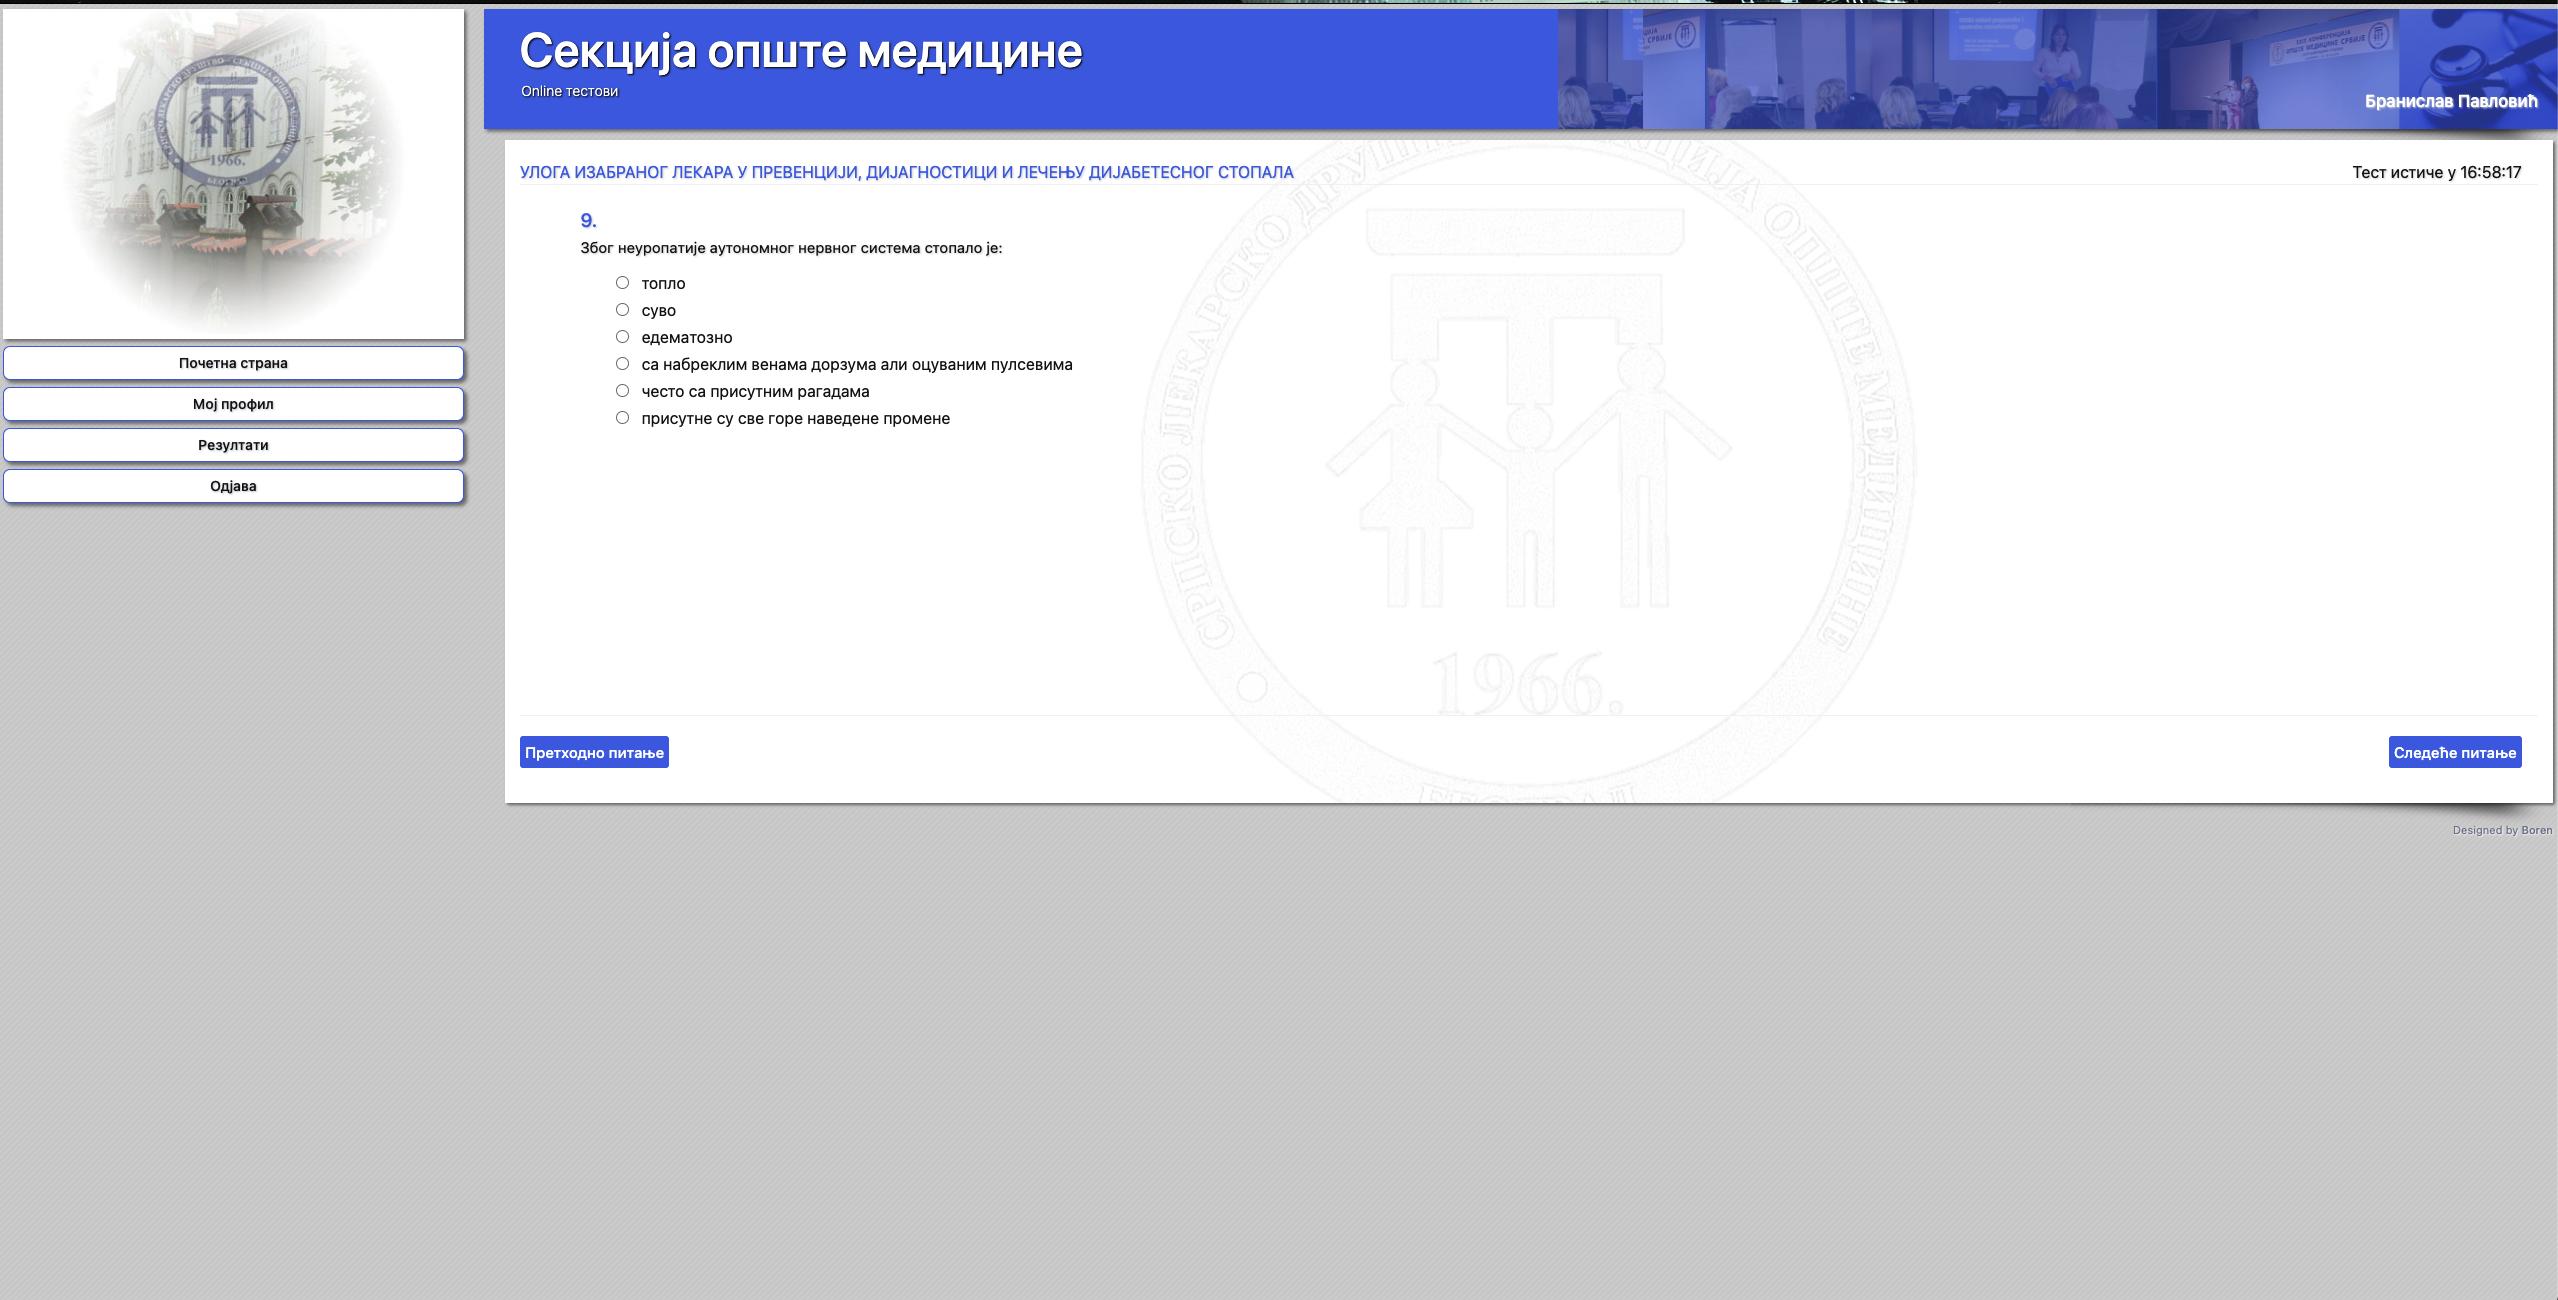 Screenshot-2021-09-02-at-13.58.44-2